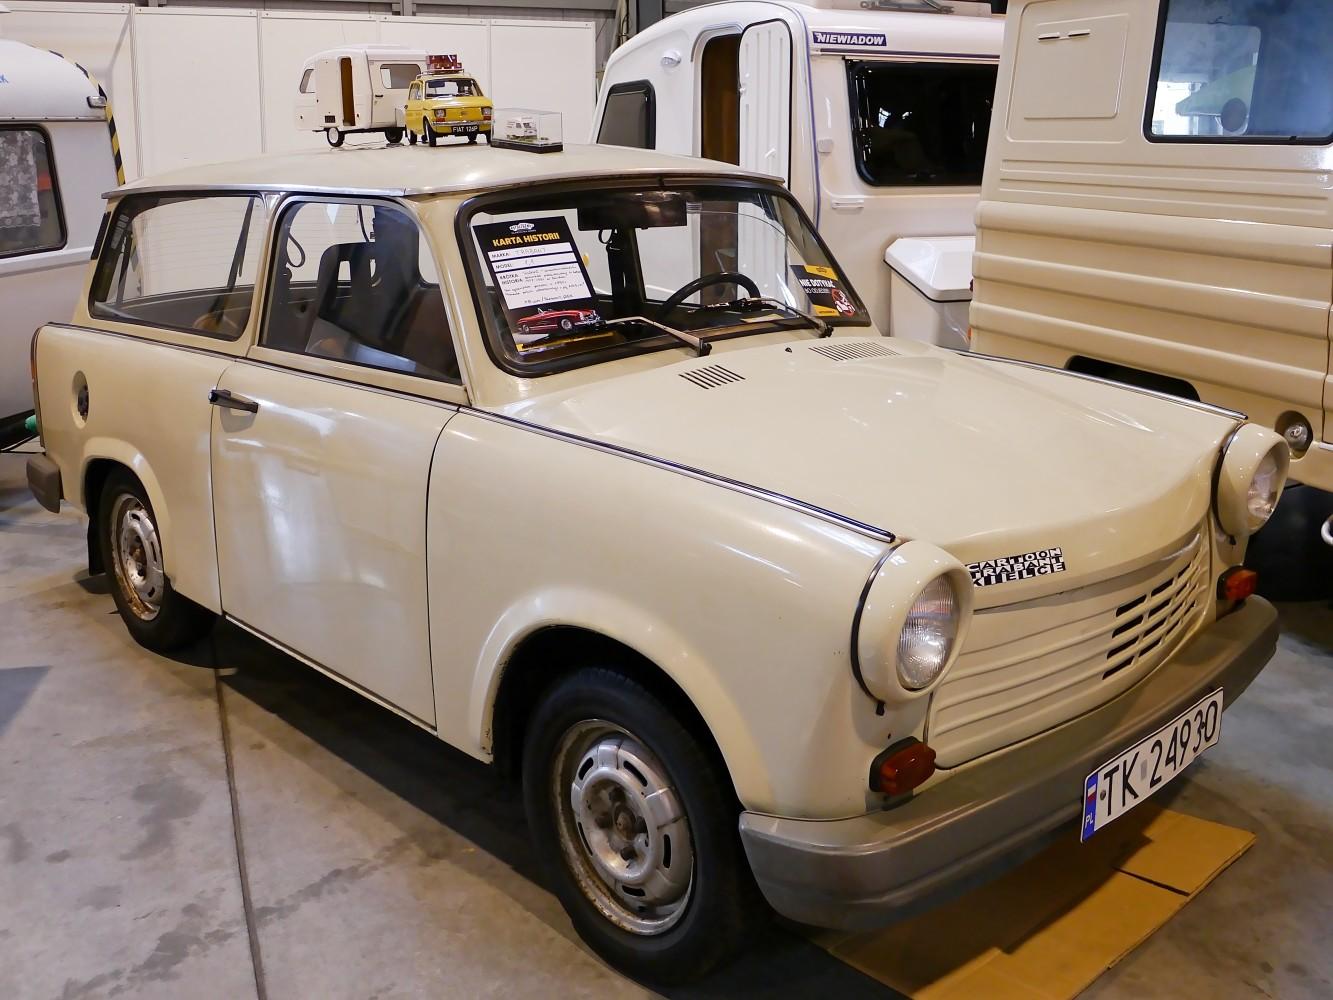 Kliknij obrazek, aby uzyskać większą wersję  Nazwa:Trabant 1.1 Universal.jpg Wyświetleń:22 Rozmiar:254,2 KB ID:232931